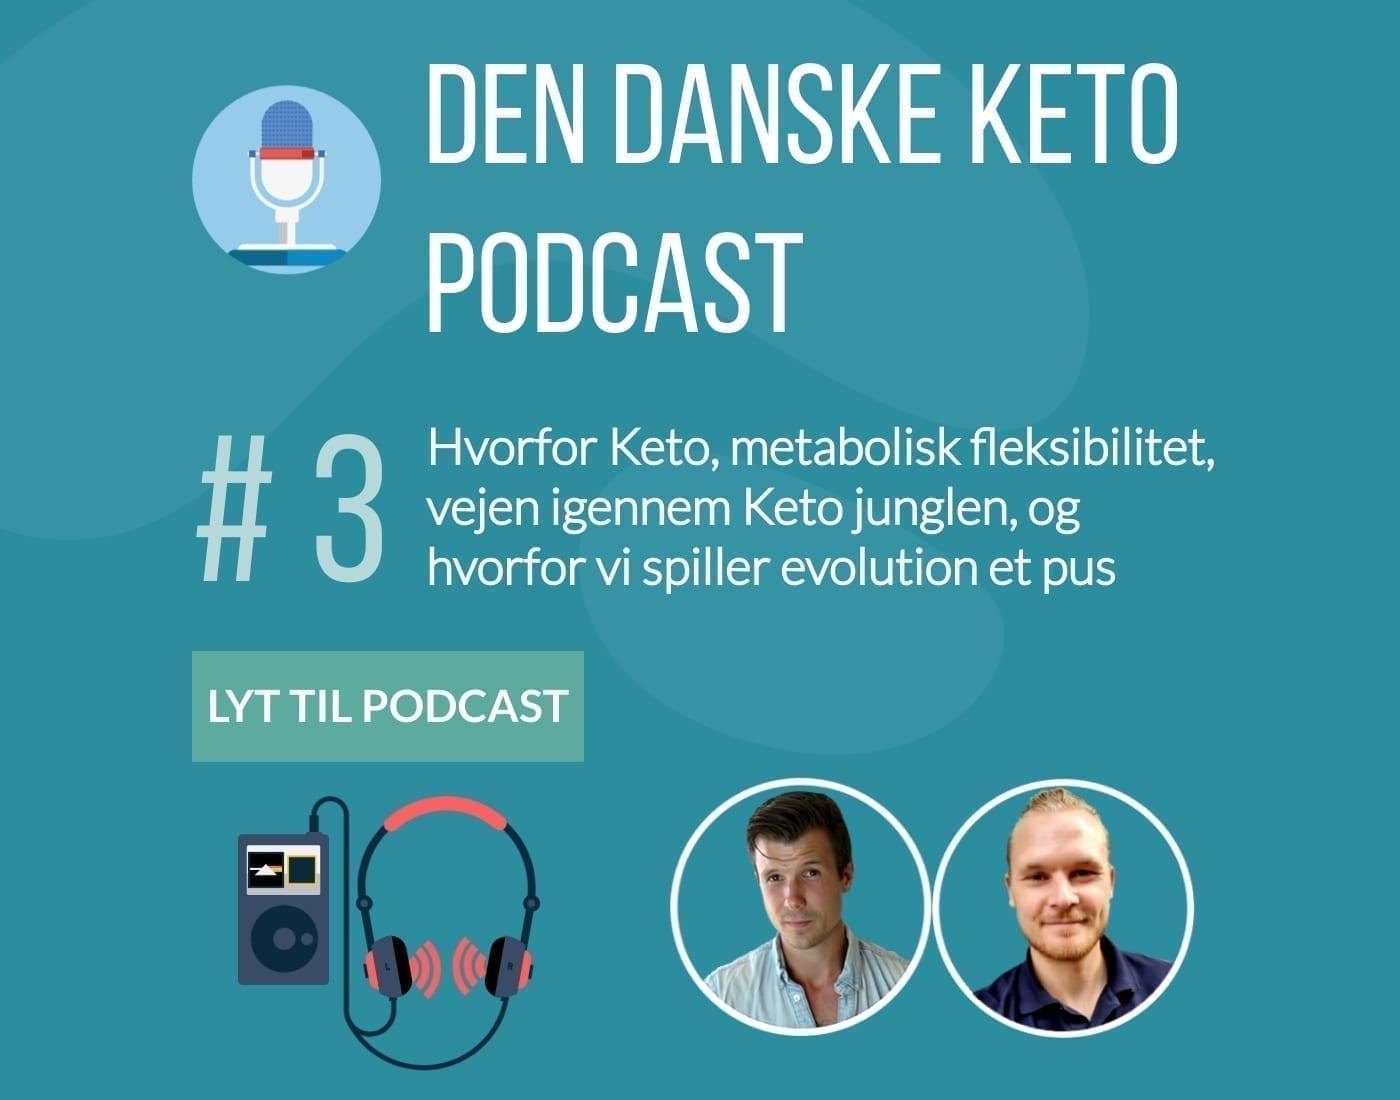 #3: De gode ting ved Keto, og hvorfor de virker til vægttab